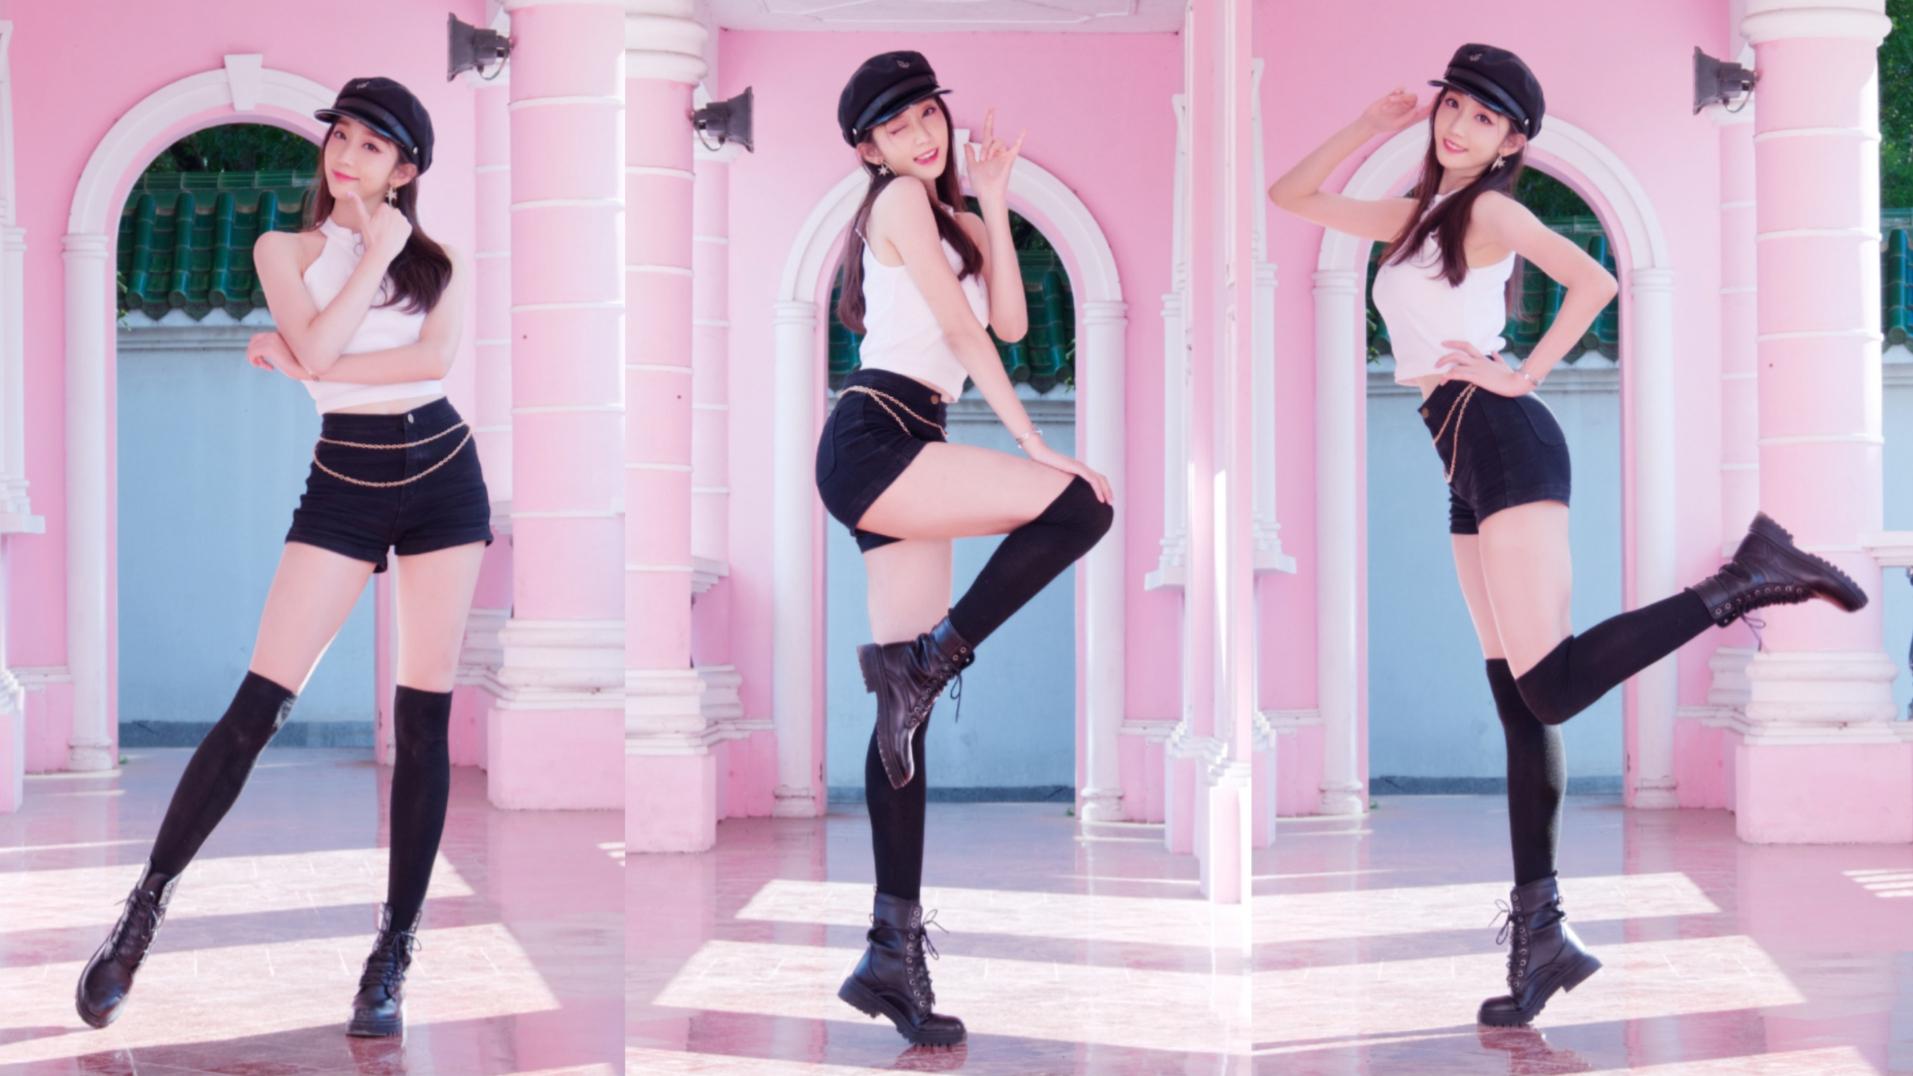 辣味冰淇淋尝过吗?BLACKPINK新曲Ice Cream翻跳【清清】【4K】